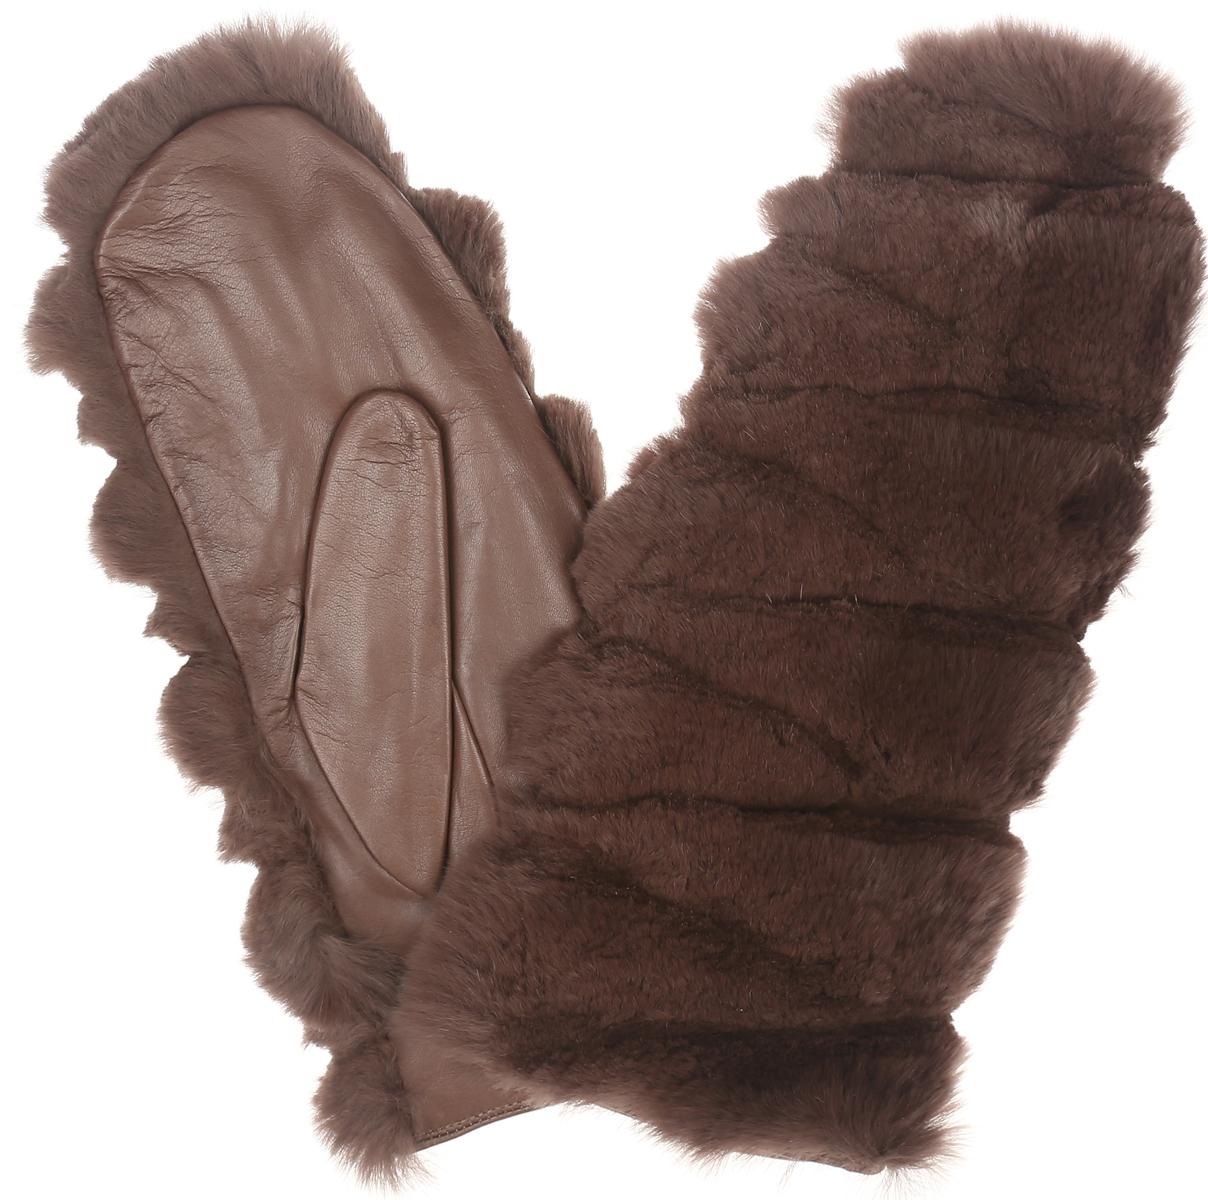 ВарежкиIS09800Потрясающие женские варежки Eleganzza - первая необходимость в осенне-зимний период. Лицевая сторона изготовлена из необыкновенно мягкого и приятного на ощупь натурального меха - орилаг, тыльная сторона - из натуральной кожи, подкладка из натуральной шерсти с добавлением кашемира выполнена в виде перчатки. Мех декоративно выстрижен. Прекрасные женские варежки Eleganzza подойдут романтичным особам с тонким вкусом. Но самое главное - они защитят руки от холода и ветра, сохраняя их красоту.